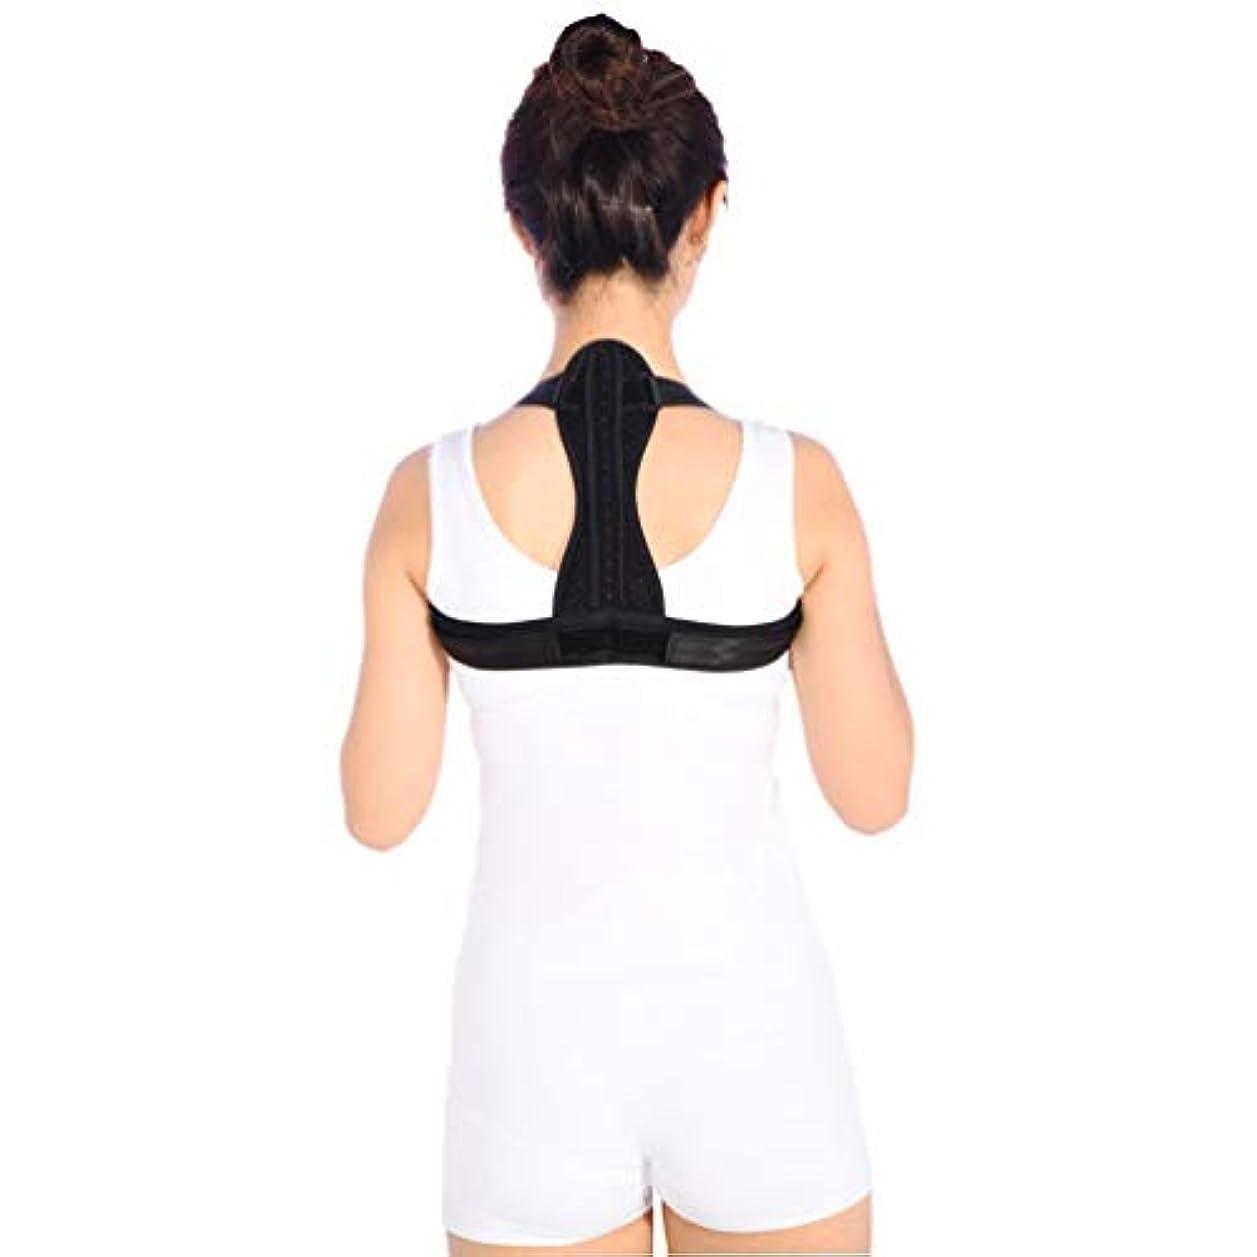 ブレス適度なすでに通気性の脊柱側弯症ザトウクジラ補正ベルト調節可能な快適さ目に見えないベルト男性女性大人学生子供 - 黒